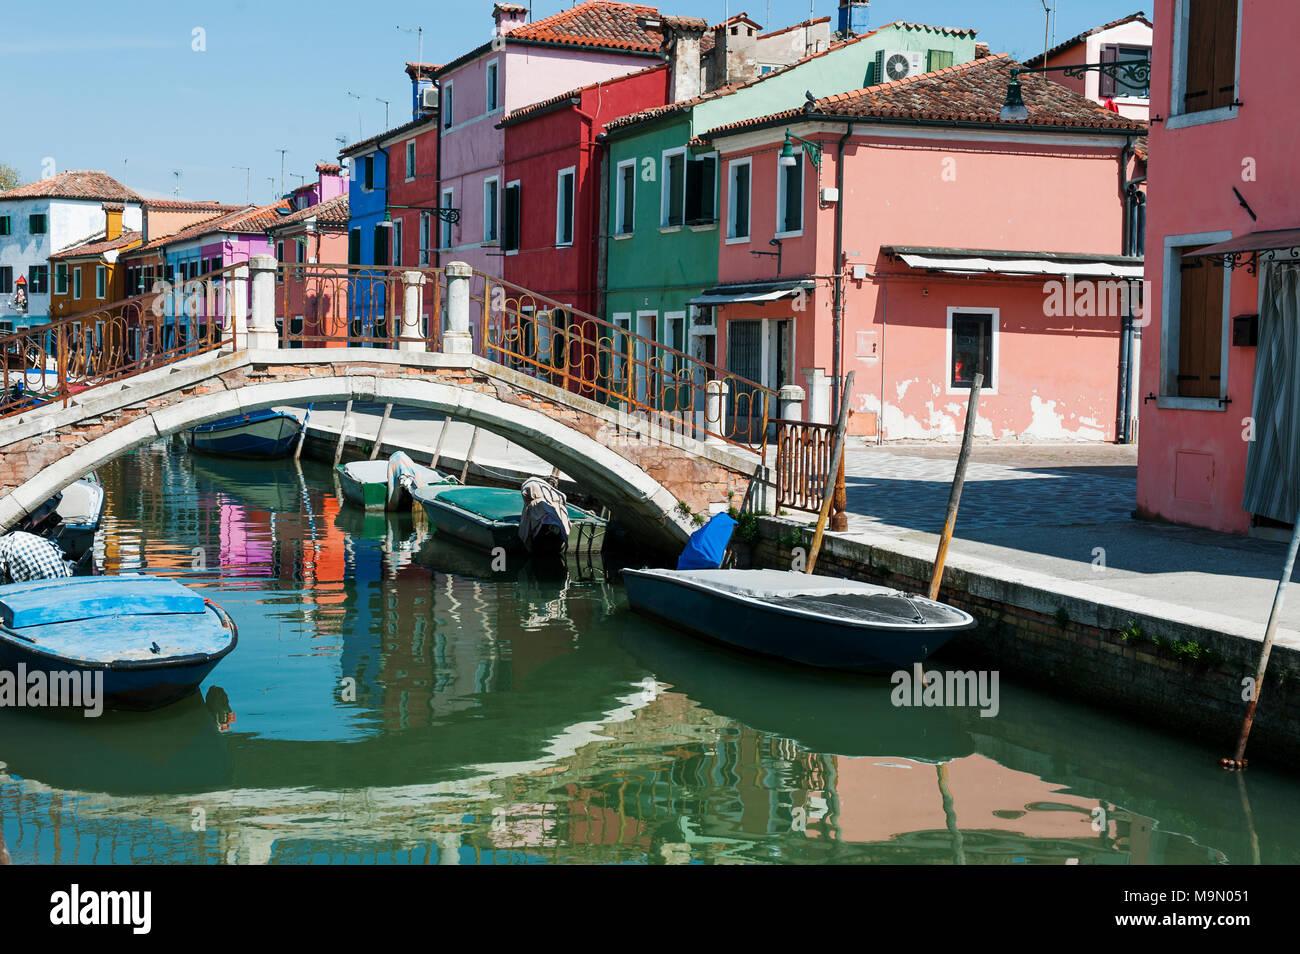 La isla de Burano, Venecia, Italia - hermosas vistas del canal y coloridas casas, barcos y de un puente. Imagen De Stock